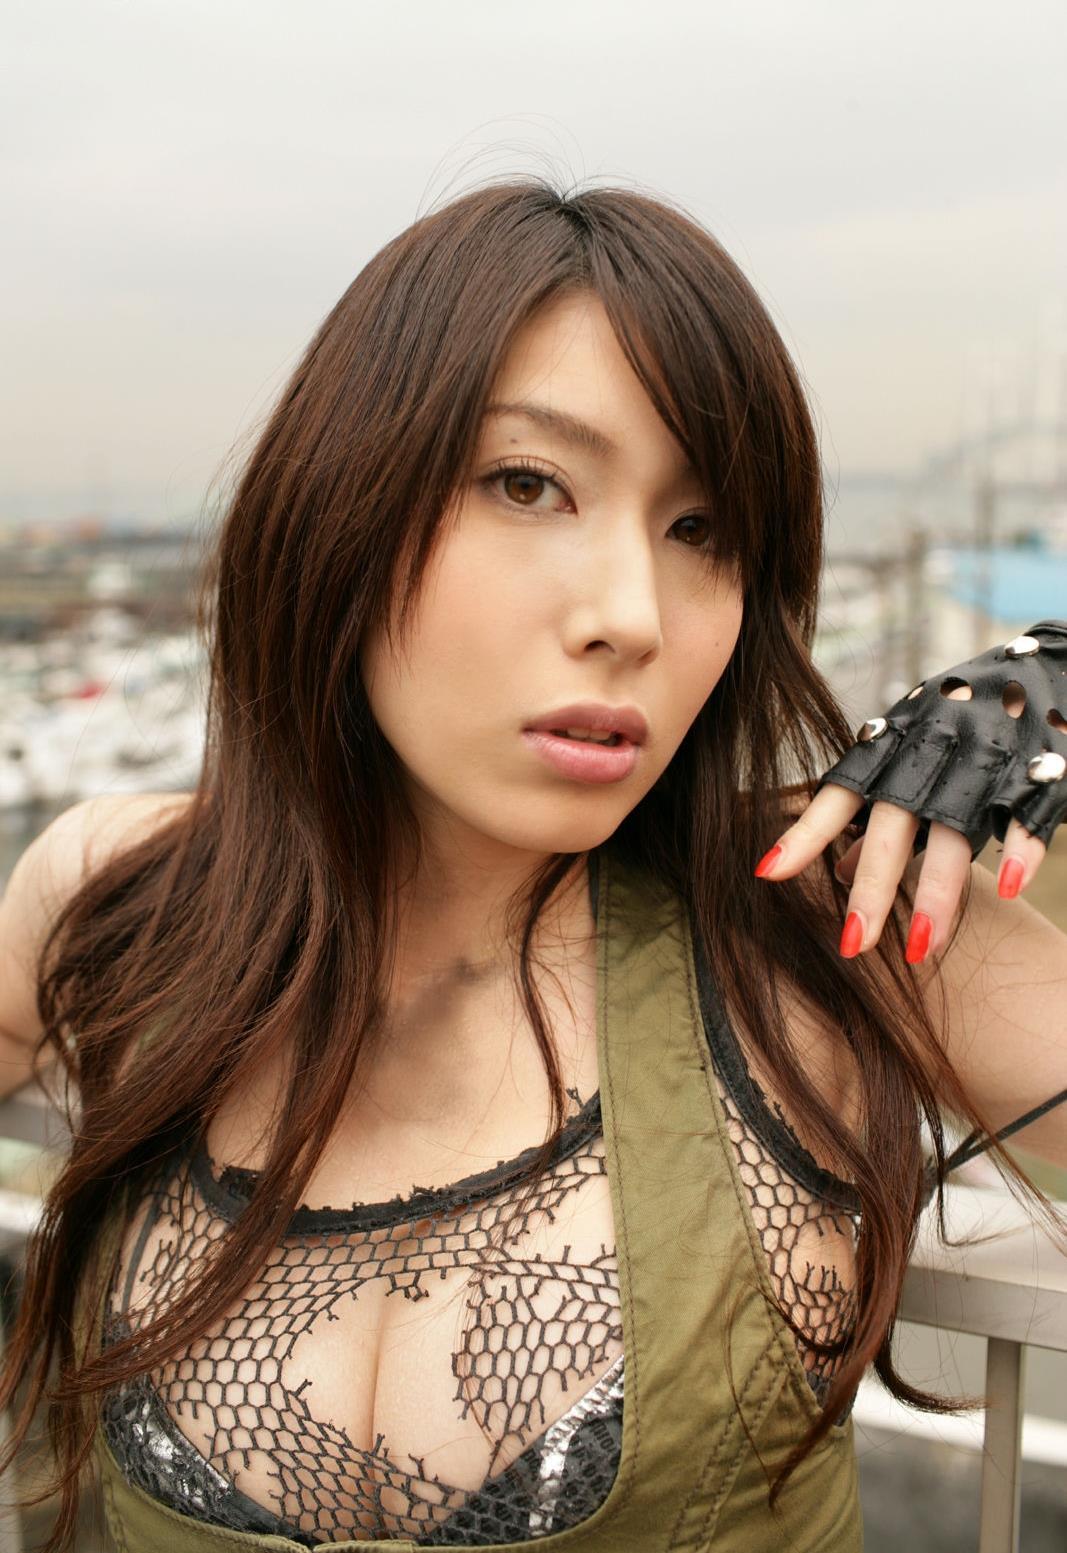 小林恵美 画像 43